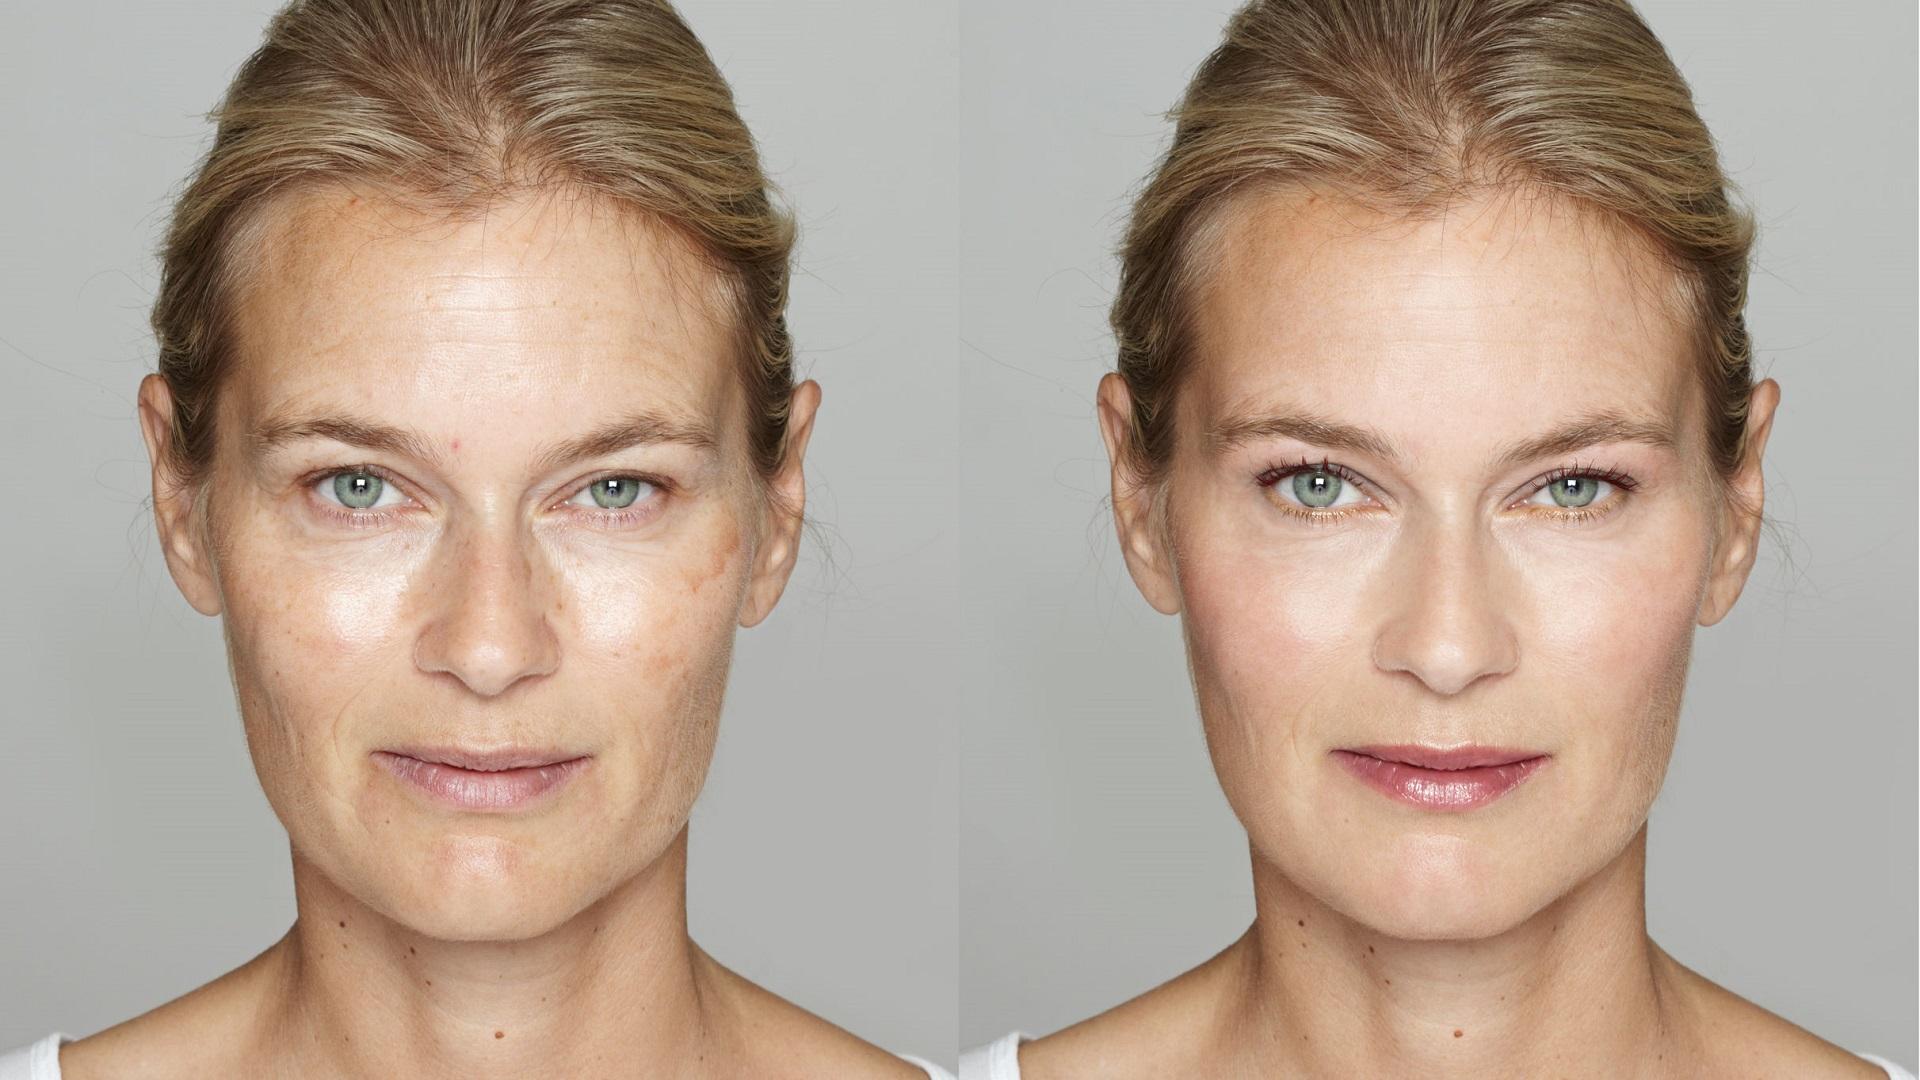 Perdita d'elasticità della pelle: come prevenirla?